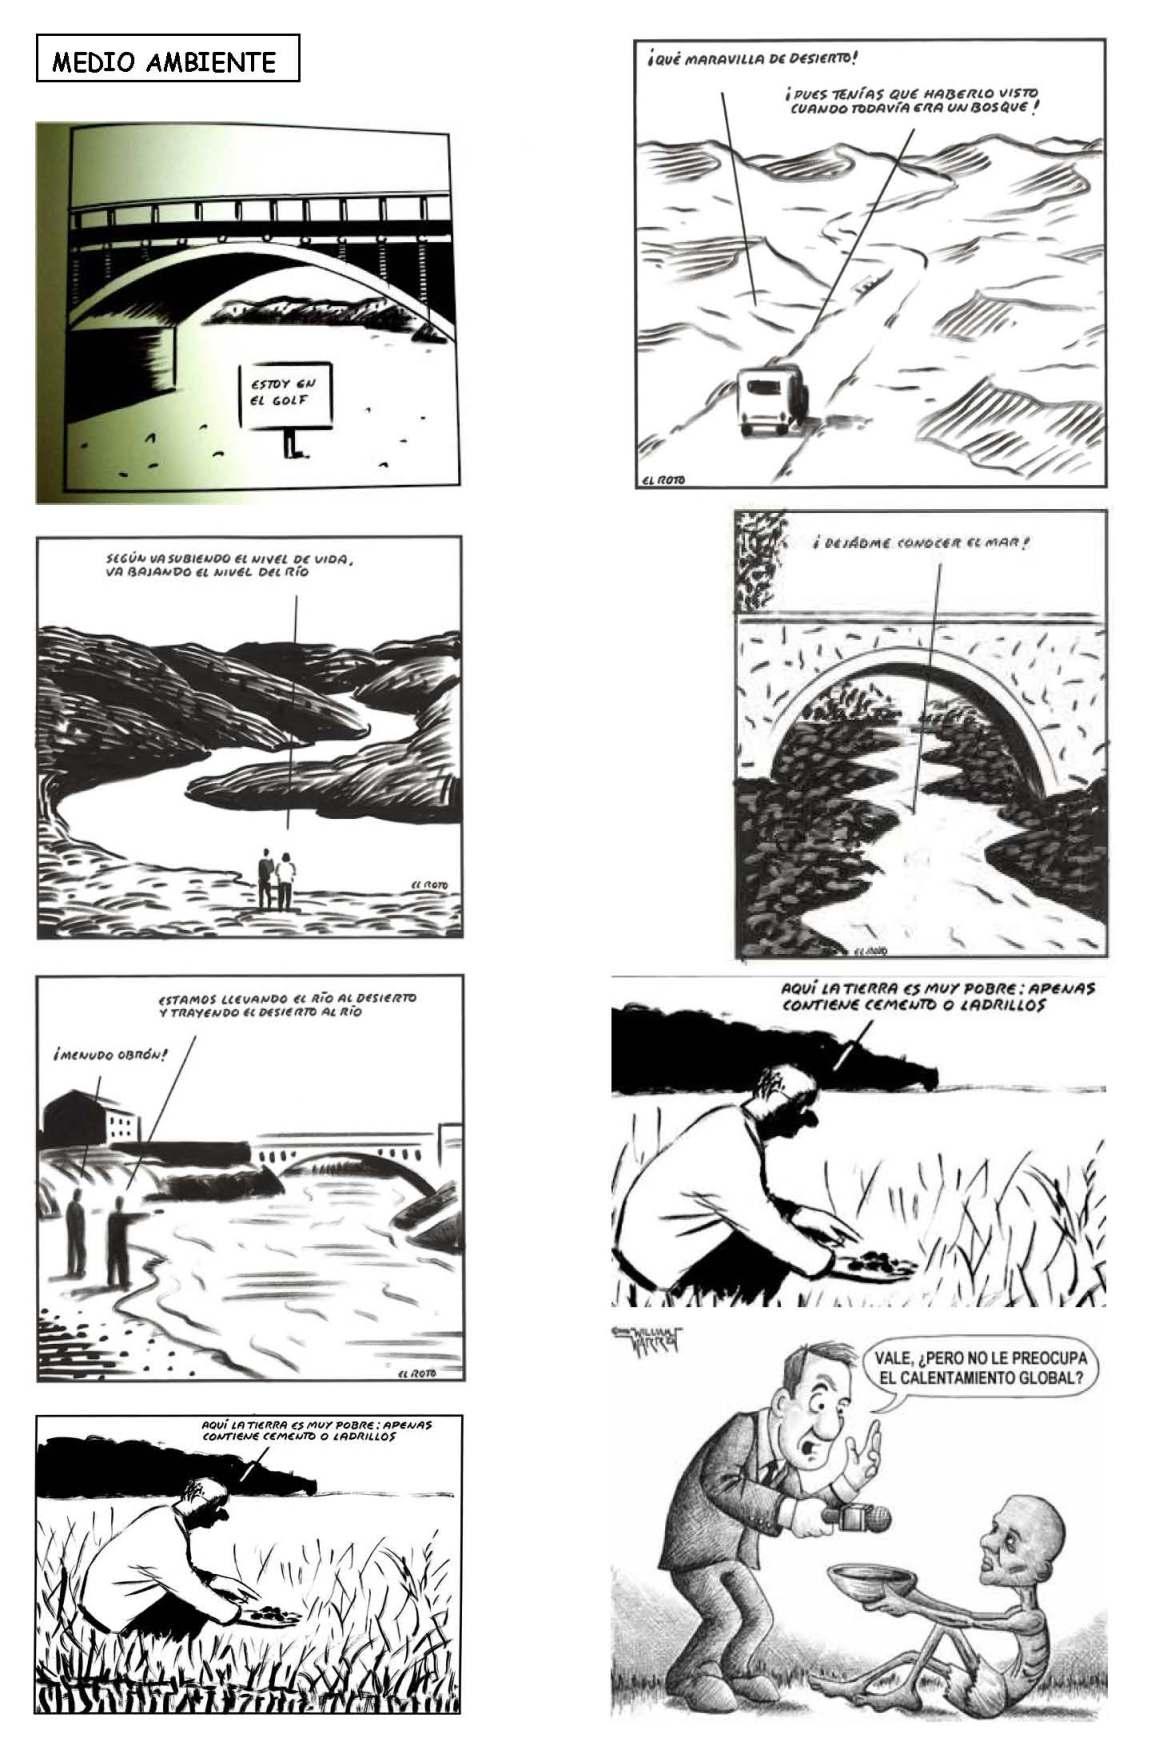 LA SOLIDARIDAD... Nº 4 Derechos universales..._Página_38